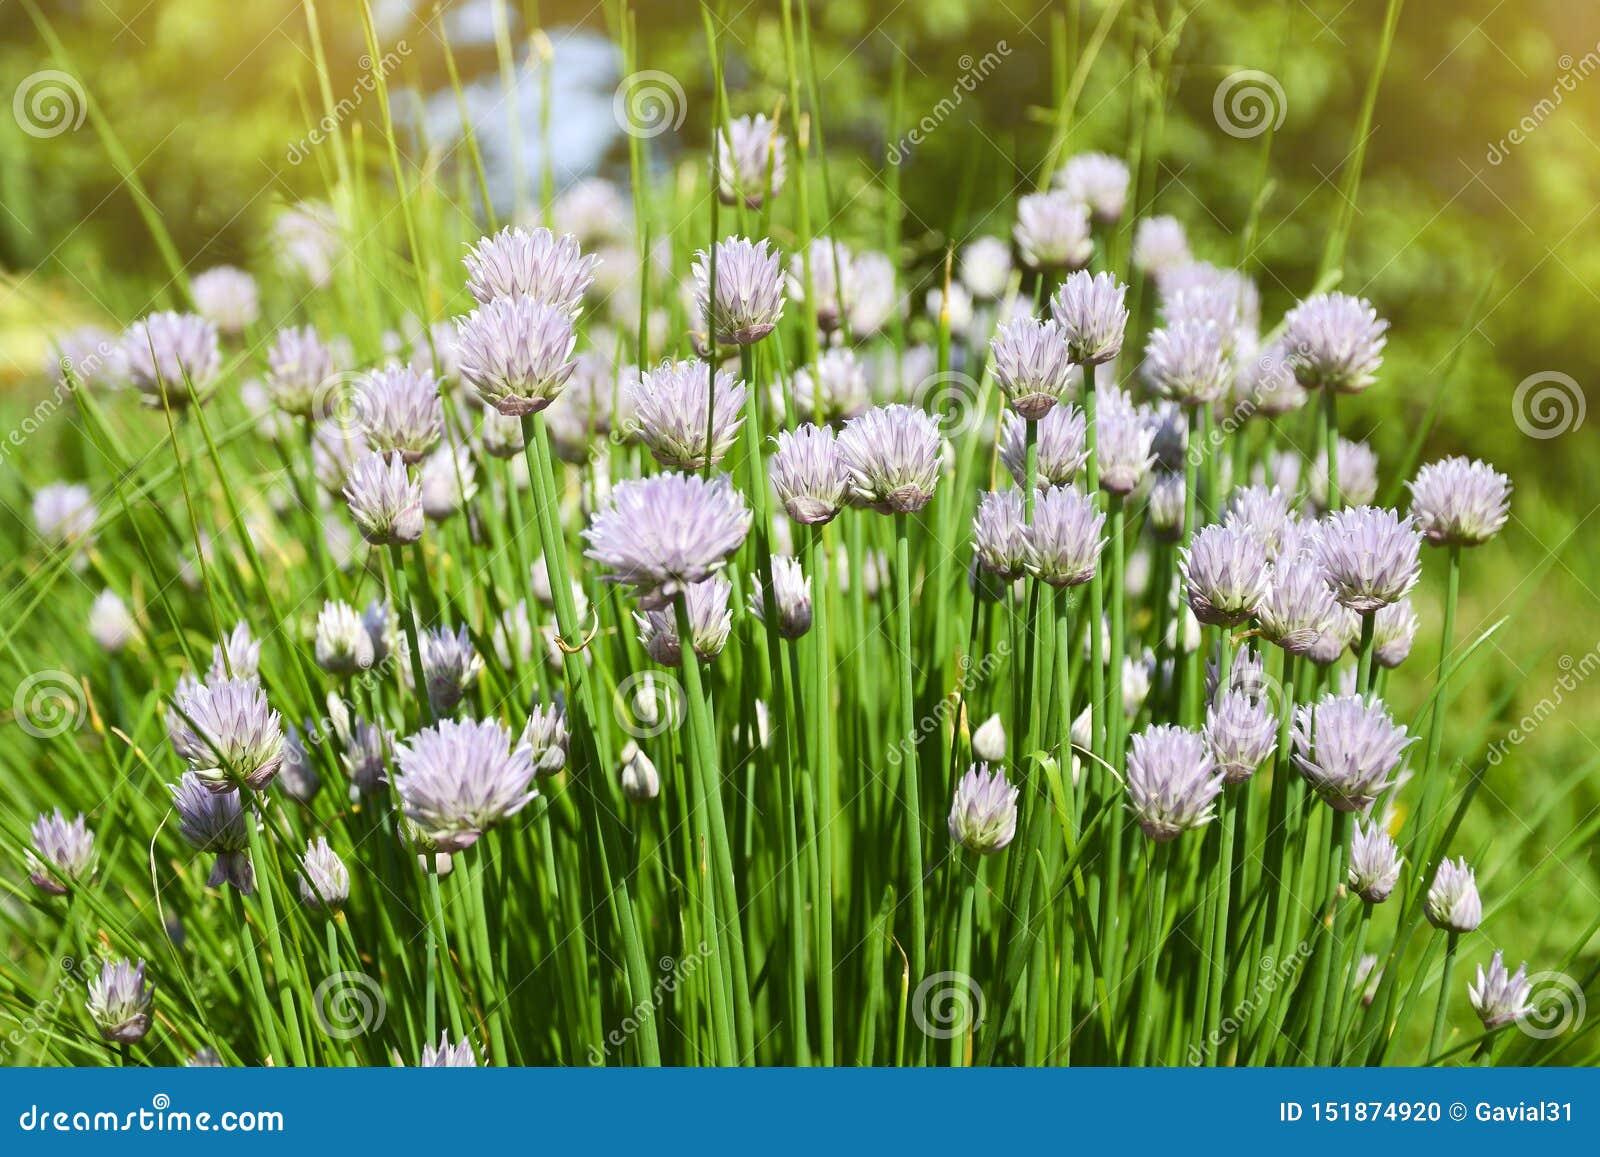 Kwiat dekoracyjna cebula Zako?czenie fio?kowe cebule kwitnie na lata polu Pi?kne kwitnie cebule Czosnk?w kwiaty